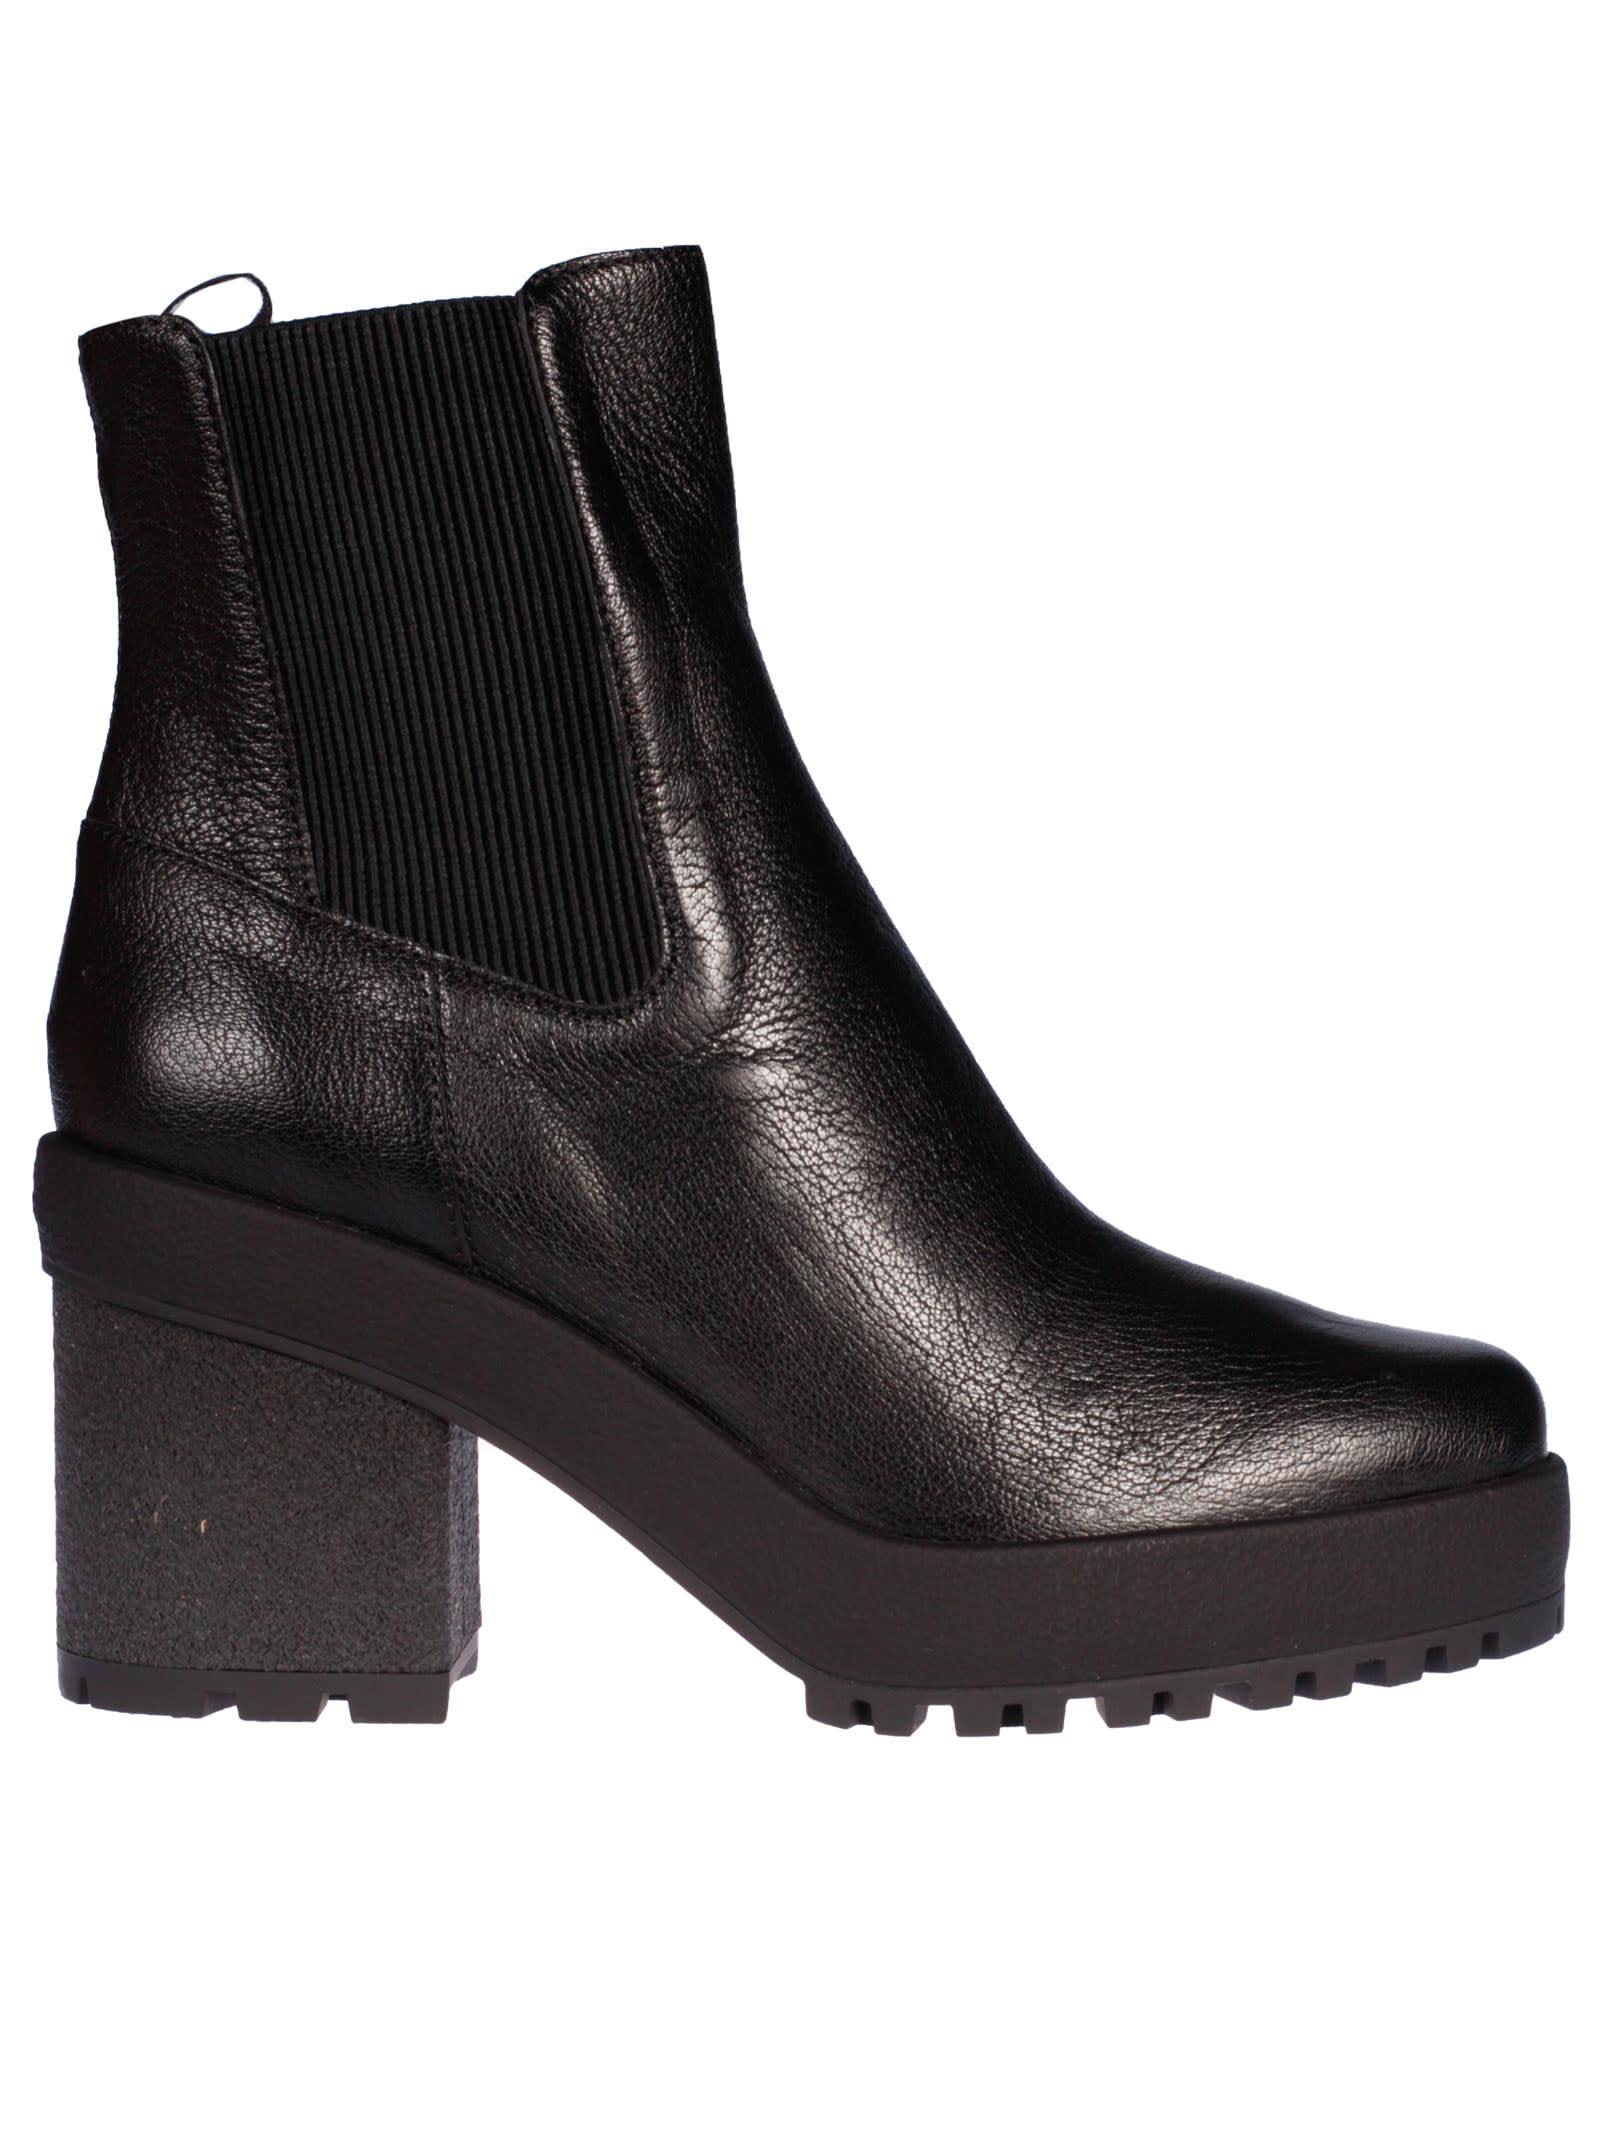 Hogan H475 Mid Heel Chelsea Boots In Black